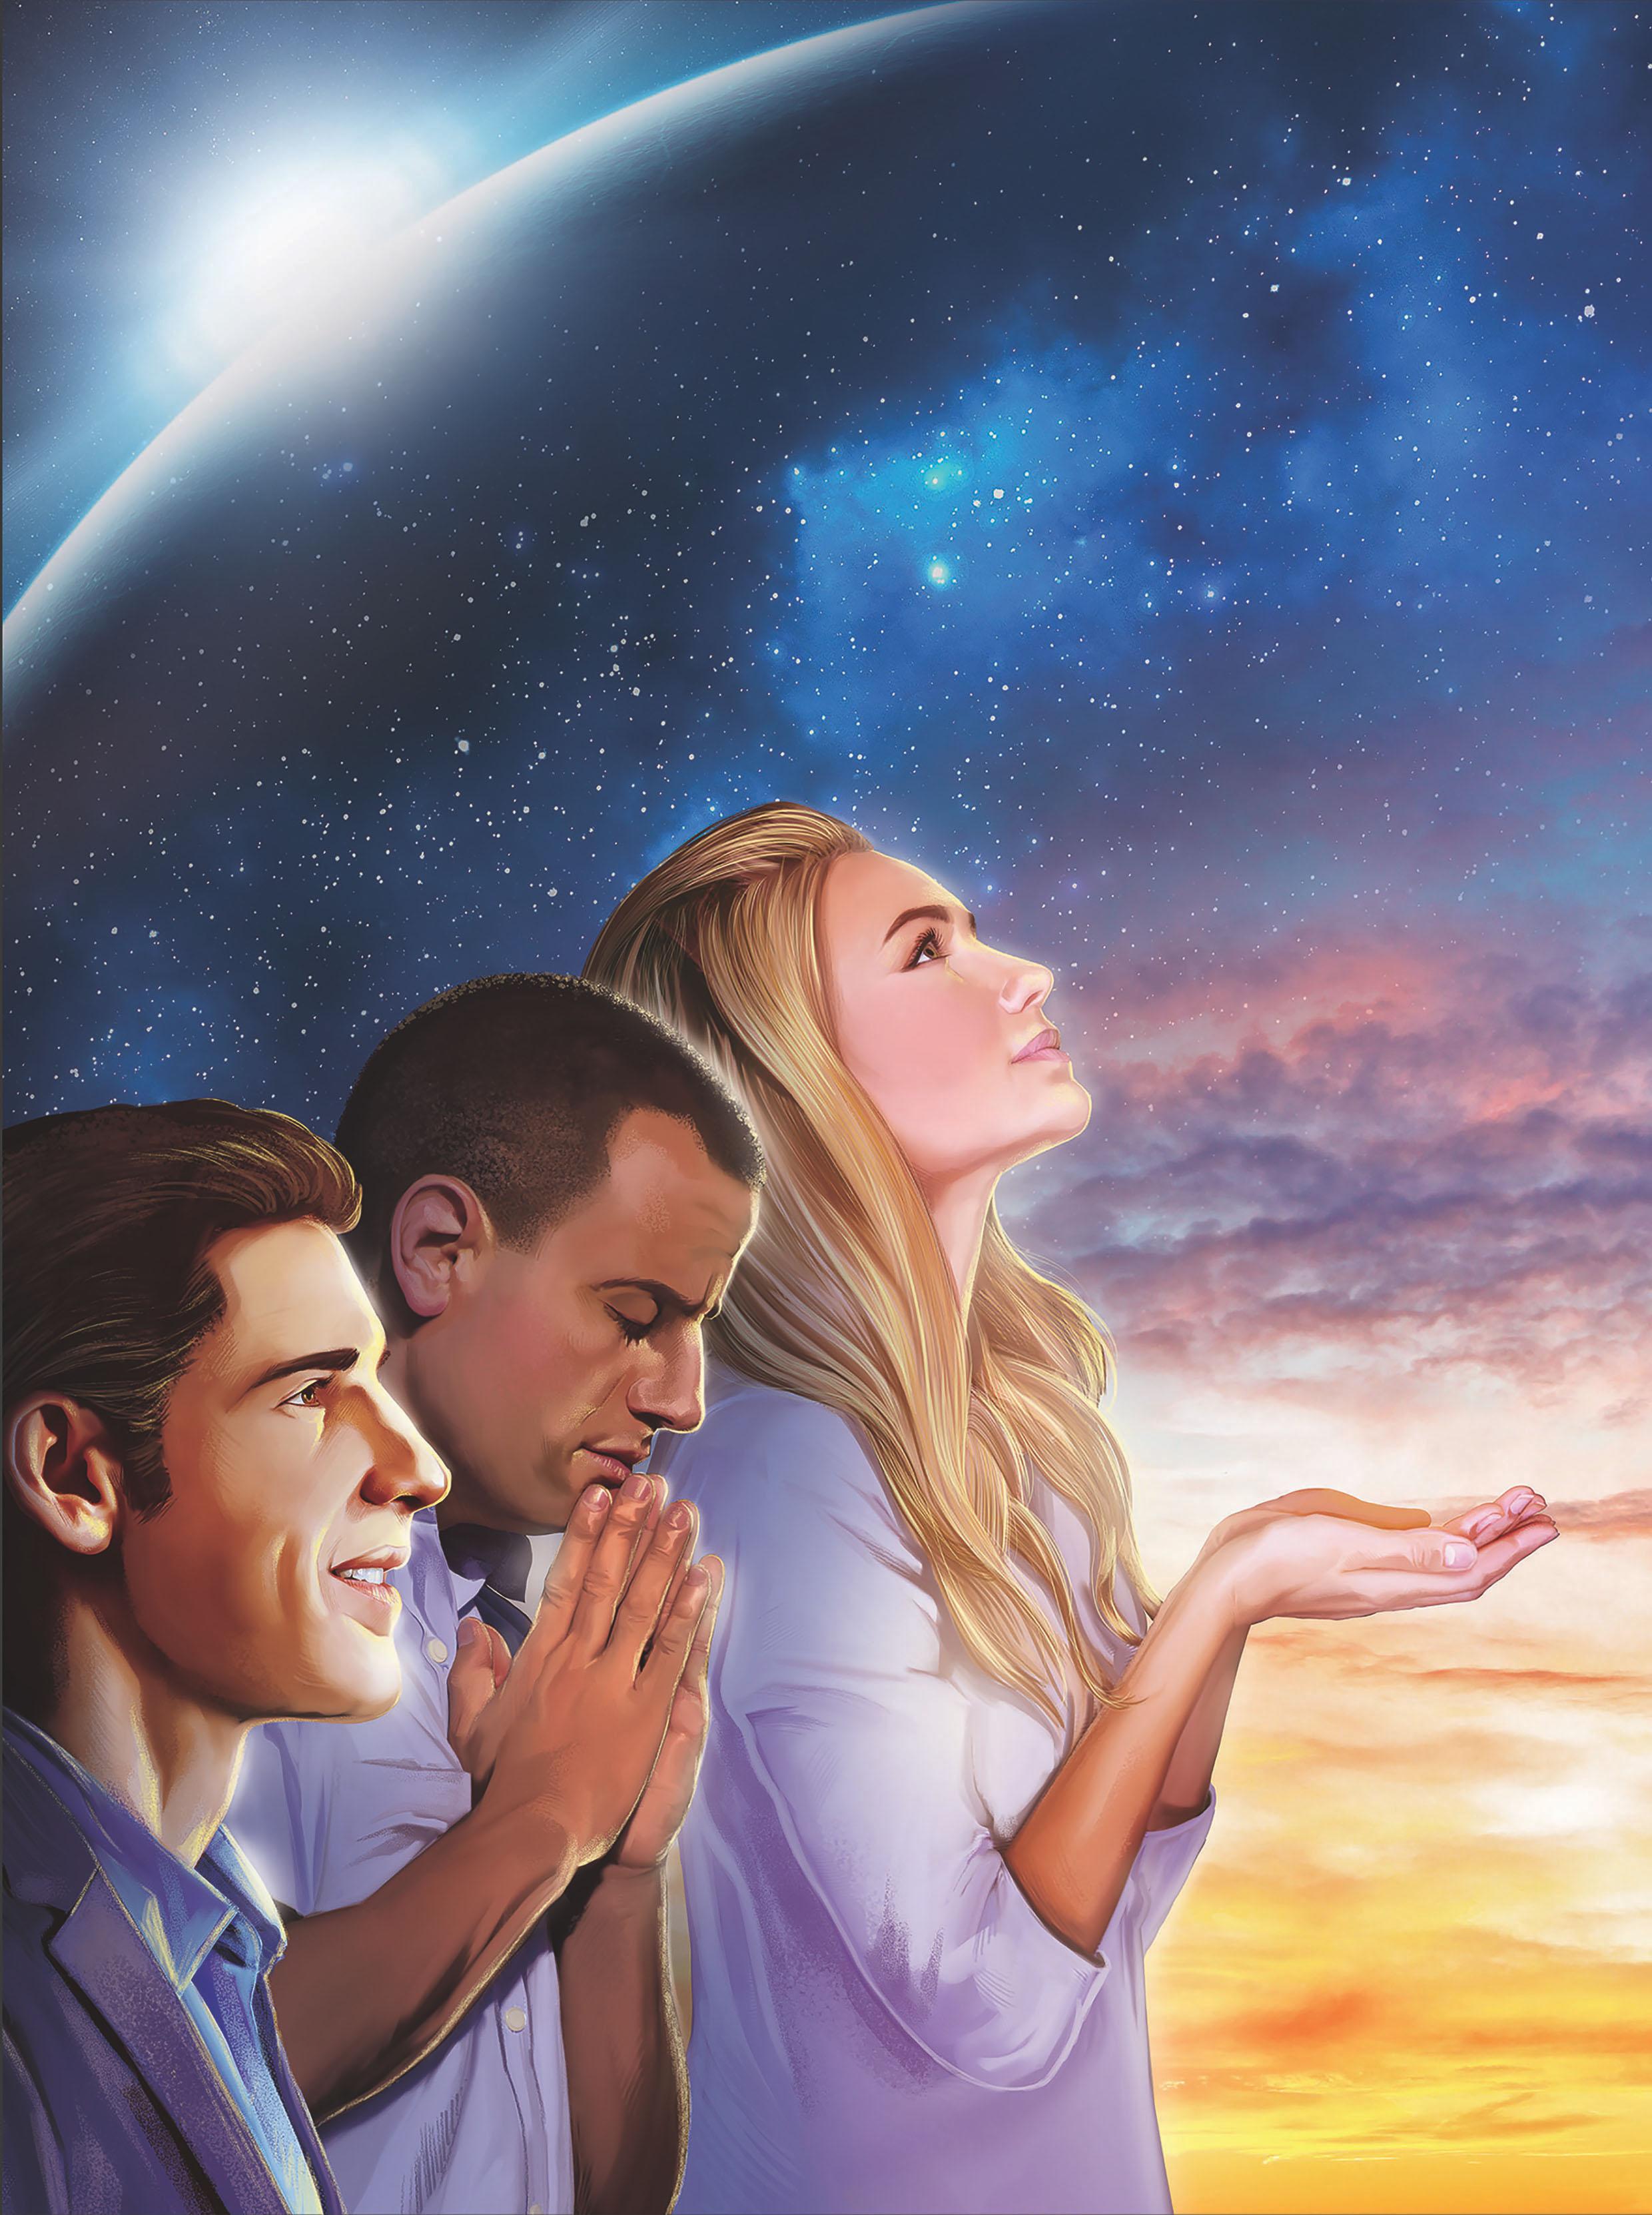 A ideia é que as congregações adventistas realizem programas especiais entre os dias 9 e 18 de fevereiro e, especificamente no dia 18, promovam um dia especial com jejum e reflexões bíblicas.